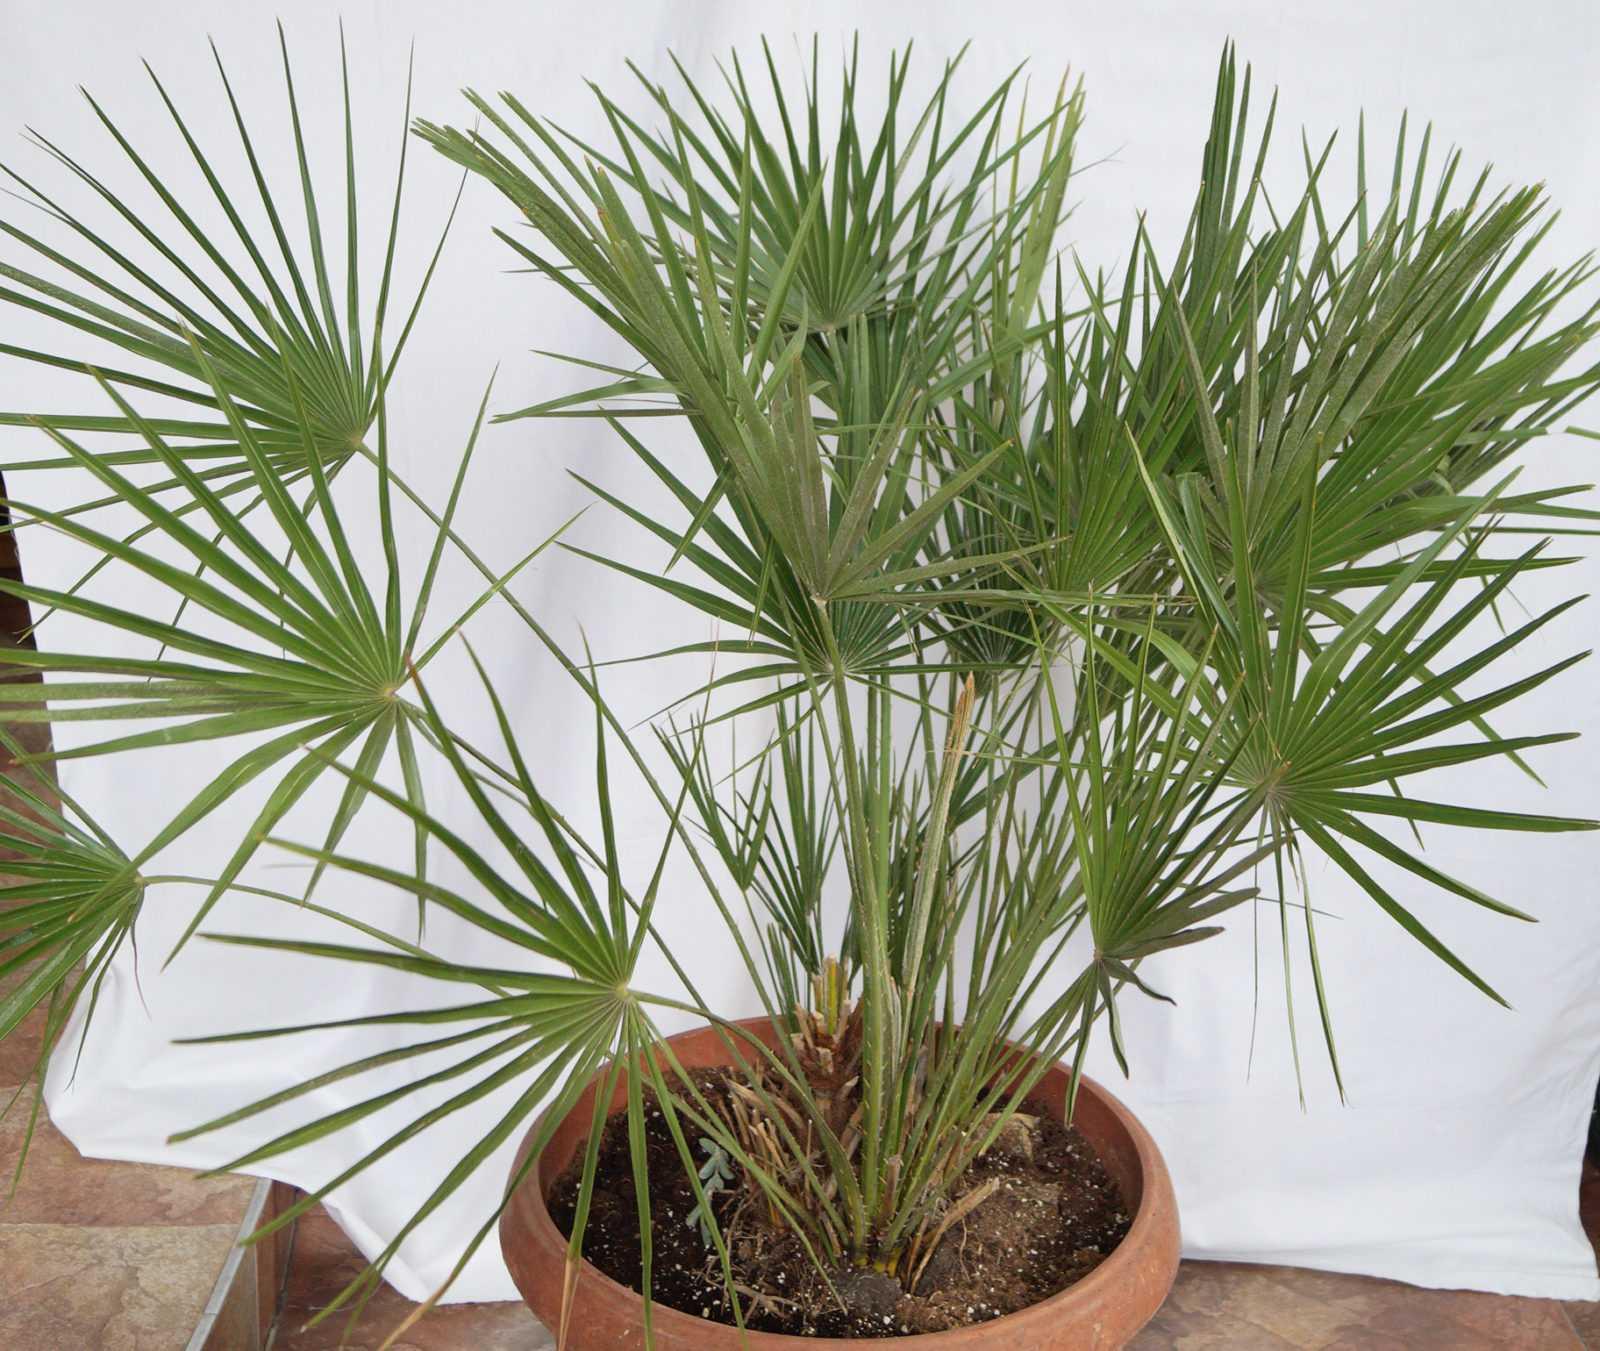 komnatnaya-palma-foto-video-vidy-palm-nazvanie-i-opisanie-rasteniya-35